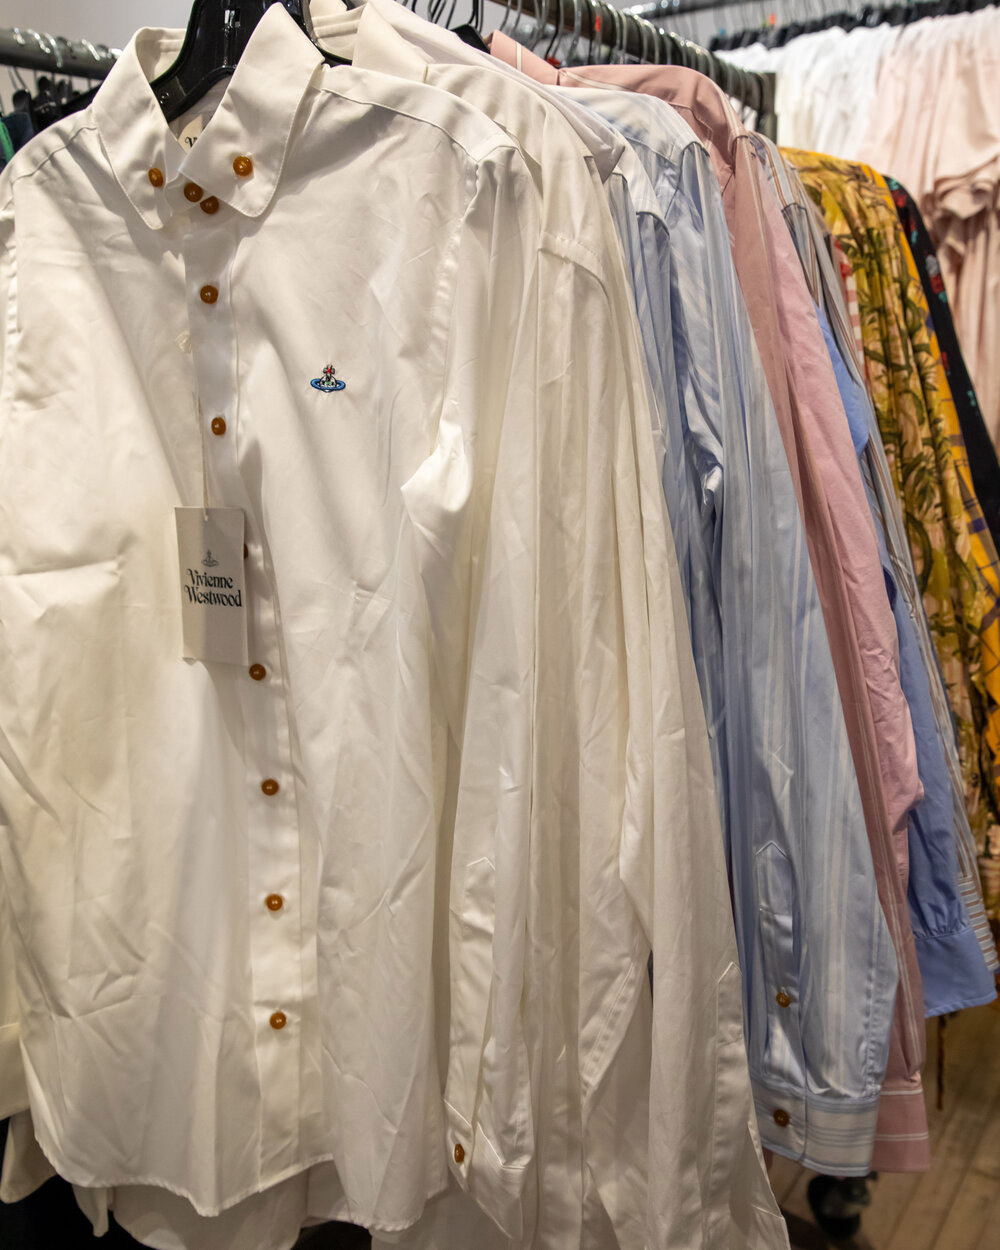 Vivienne Westwood Sample Sale in Images